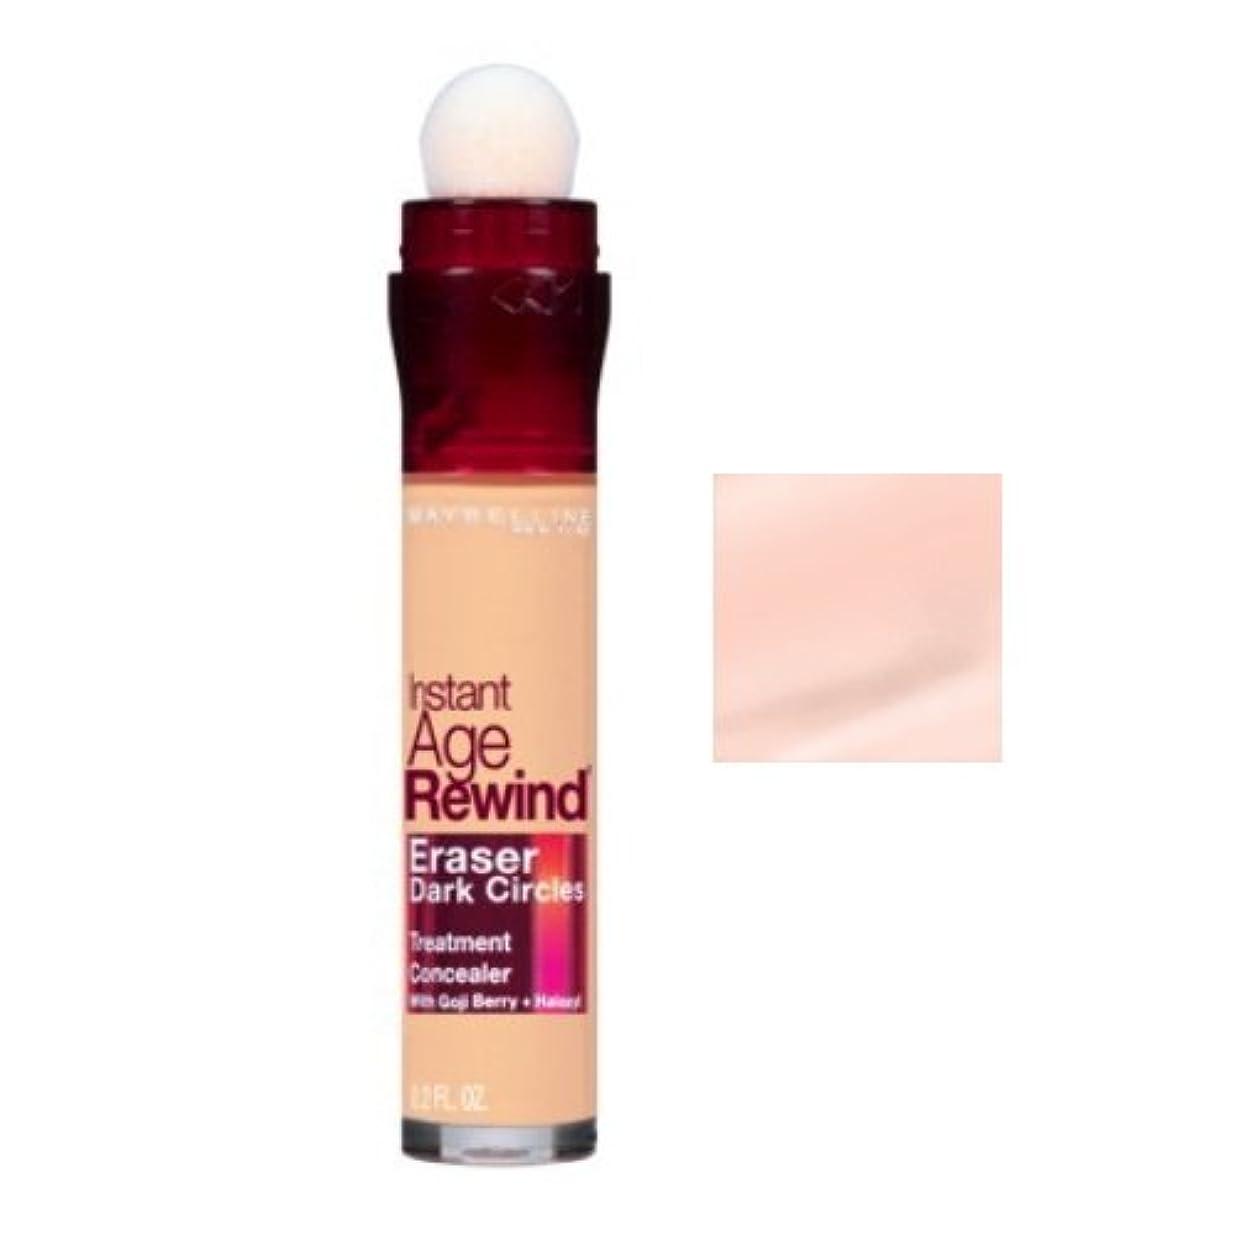 補助金昇進戻すMAYBELLINE Instant Age Rewind Eraser Dark Circles + Treatment - Brightener (並行輸入品)